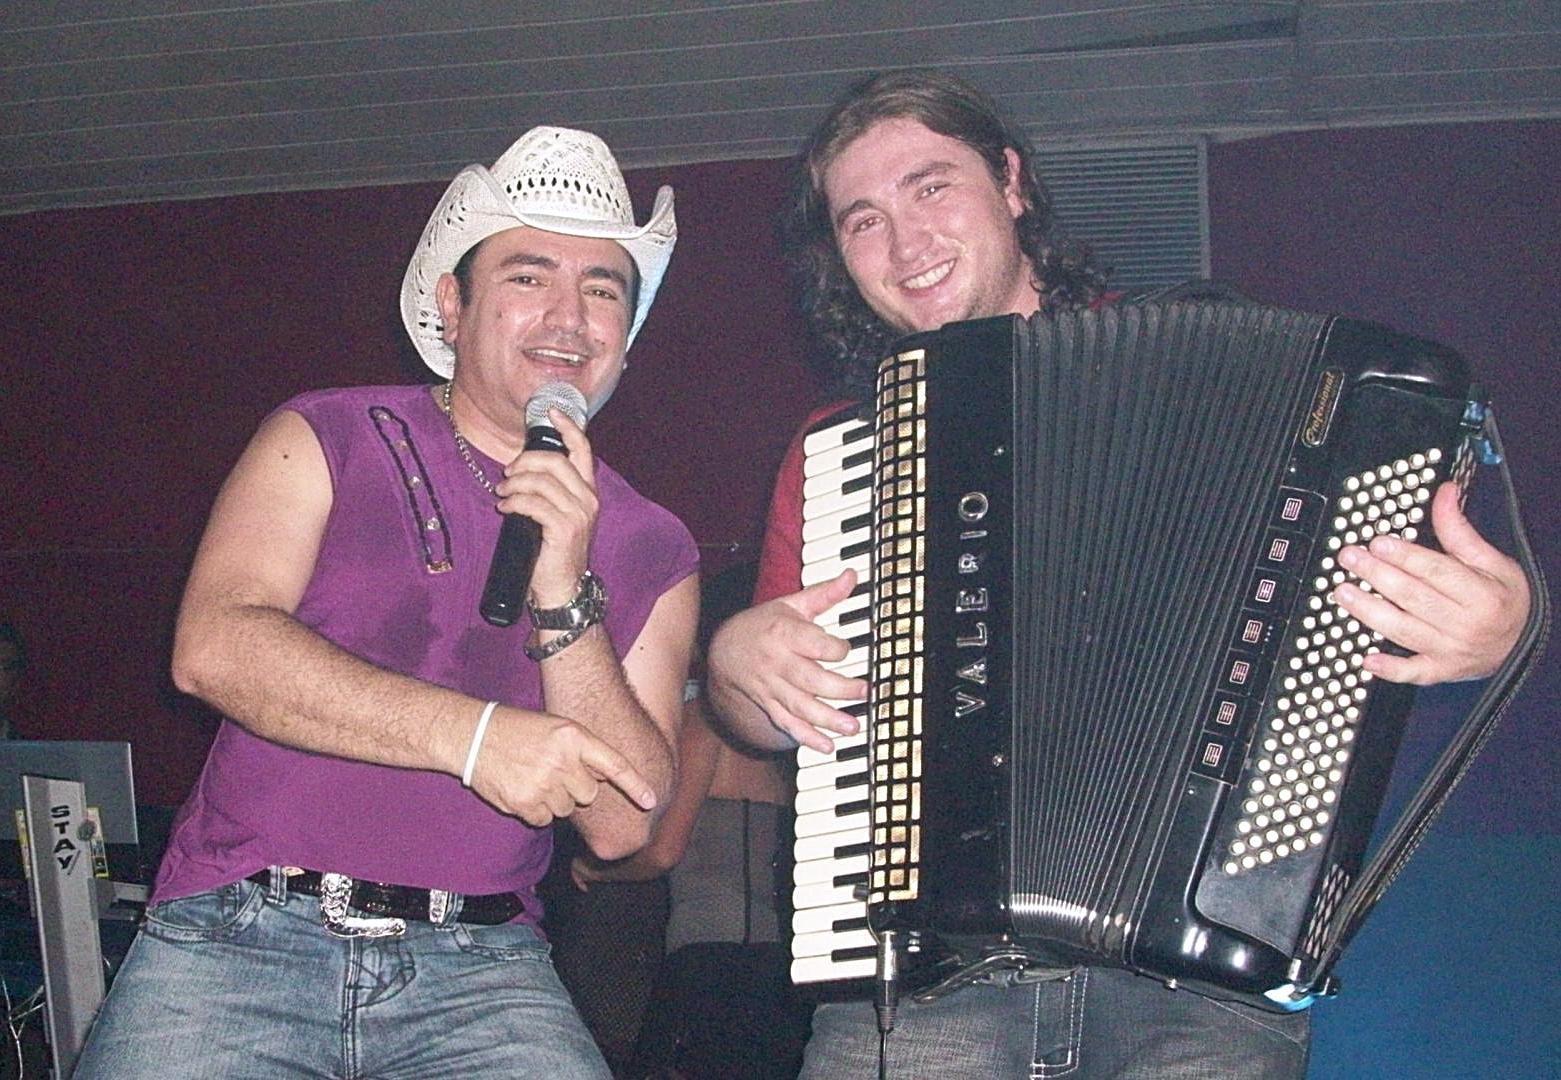 BAIXAR FORRO CD CANINANA 2010